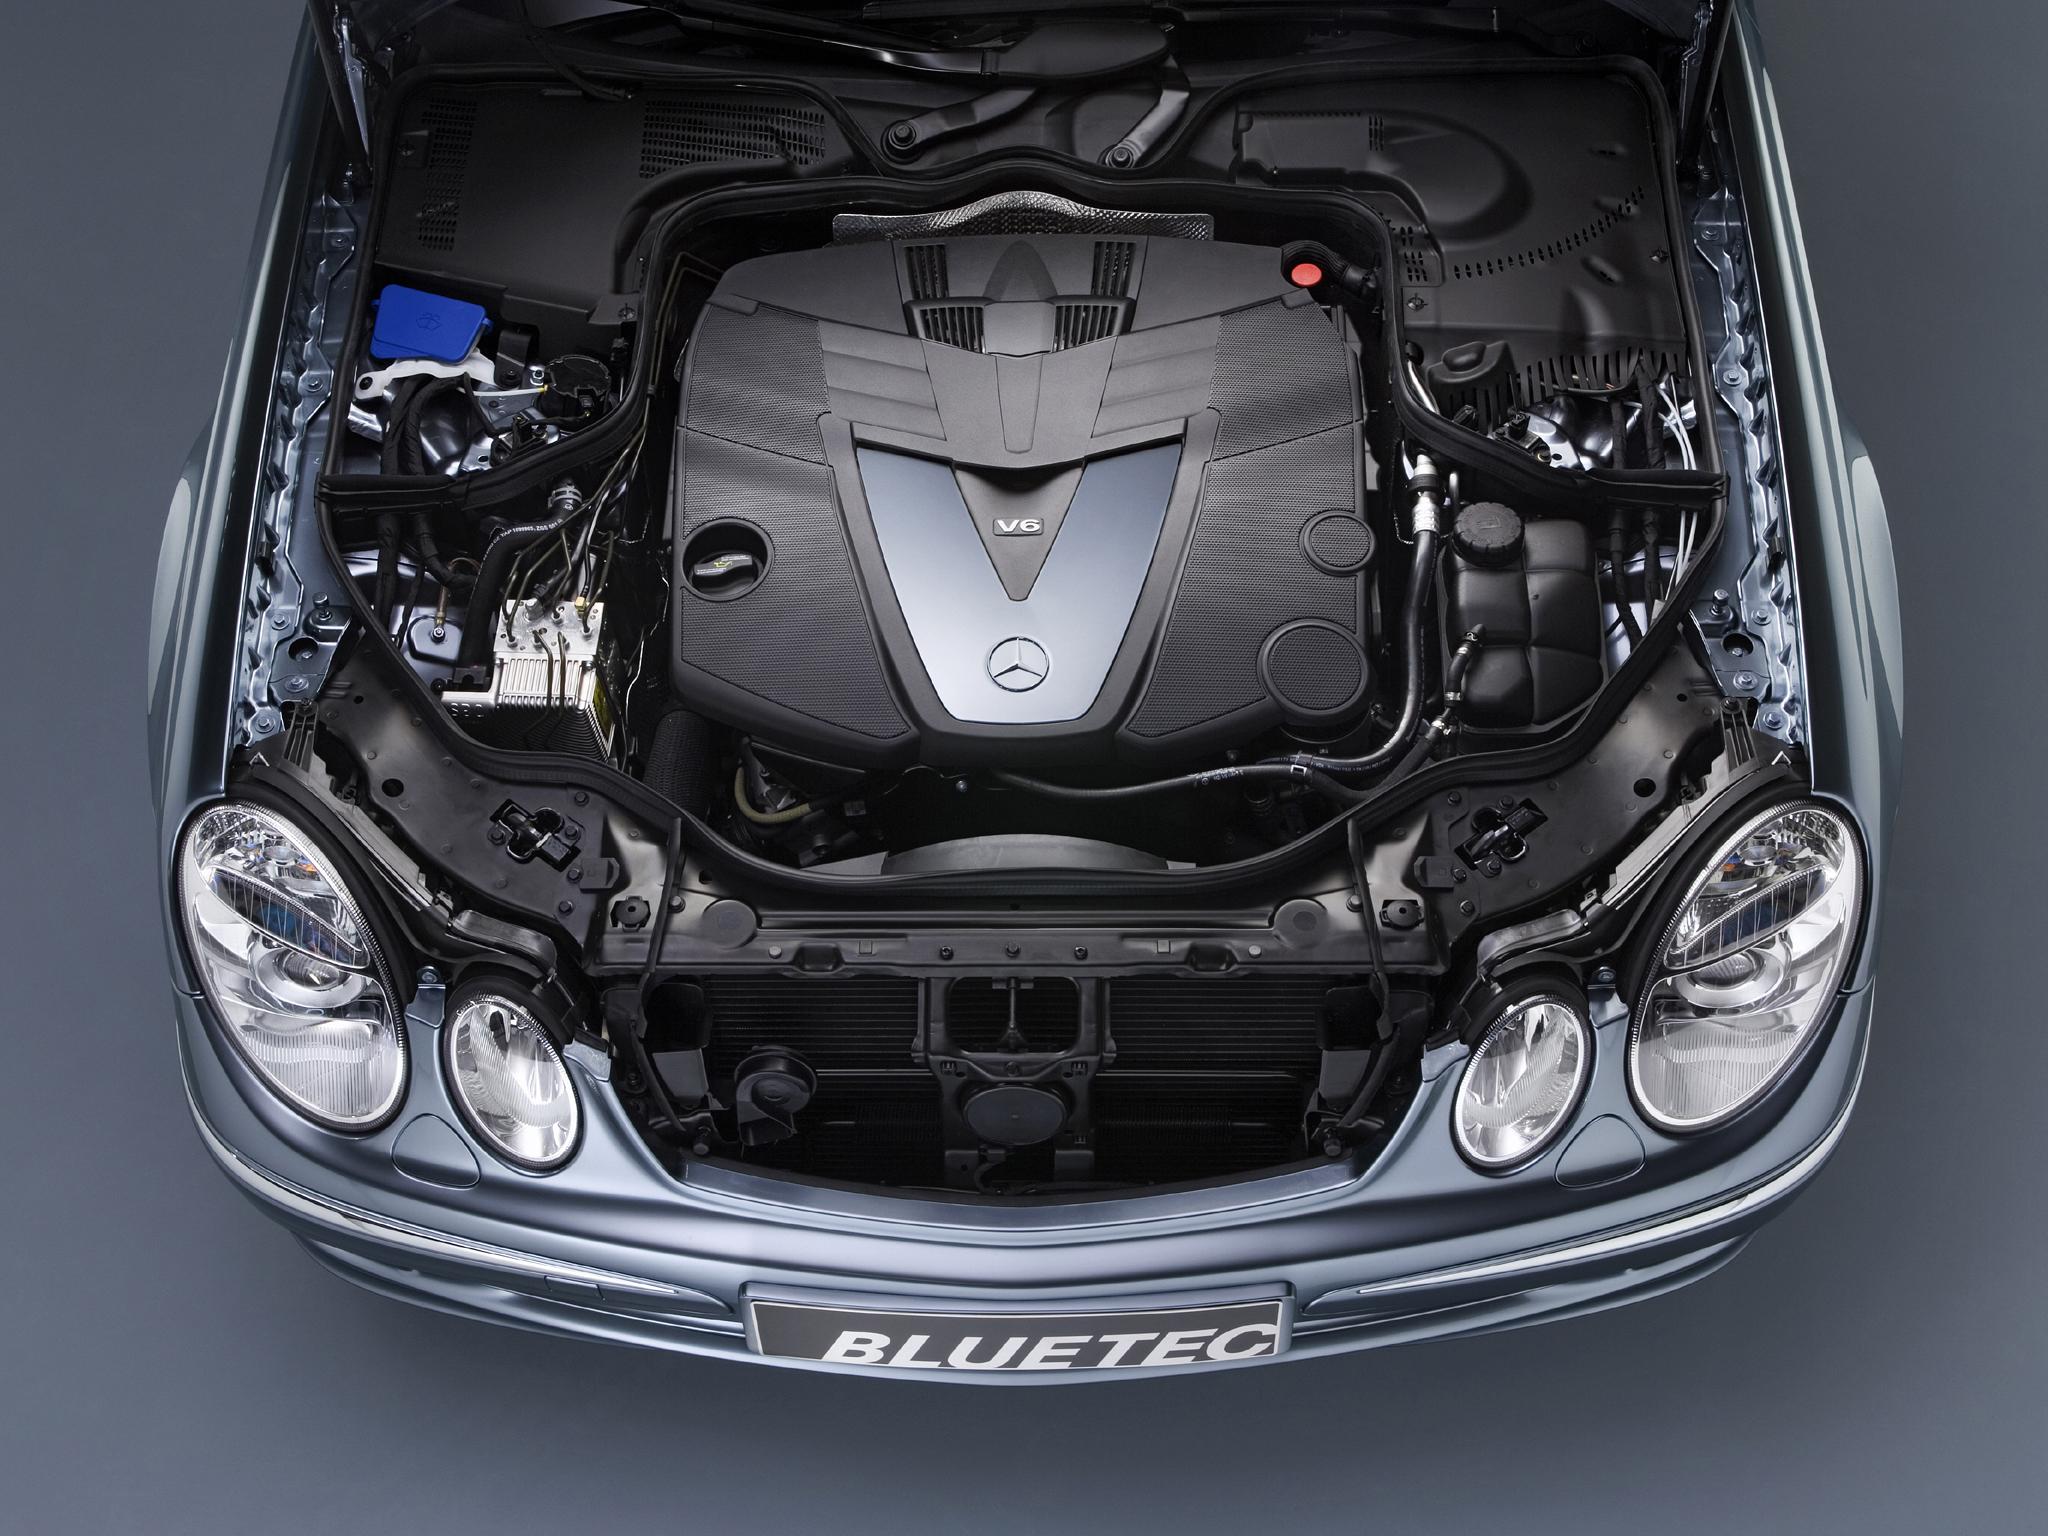 Замена и ремонт форсунок бензинового двигателя Mercedes E-Class (W211)